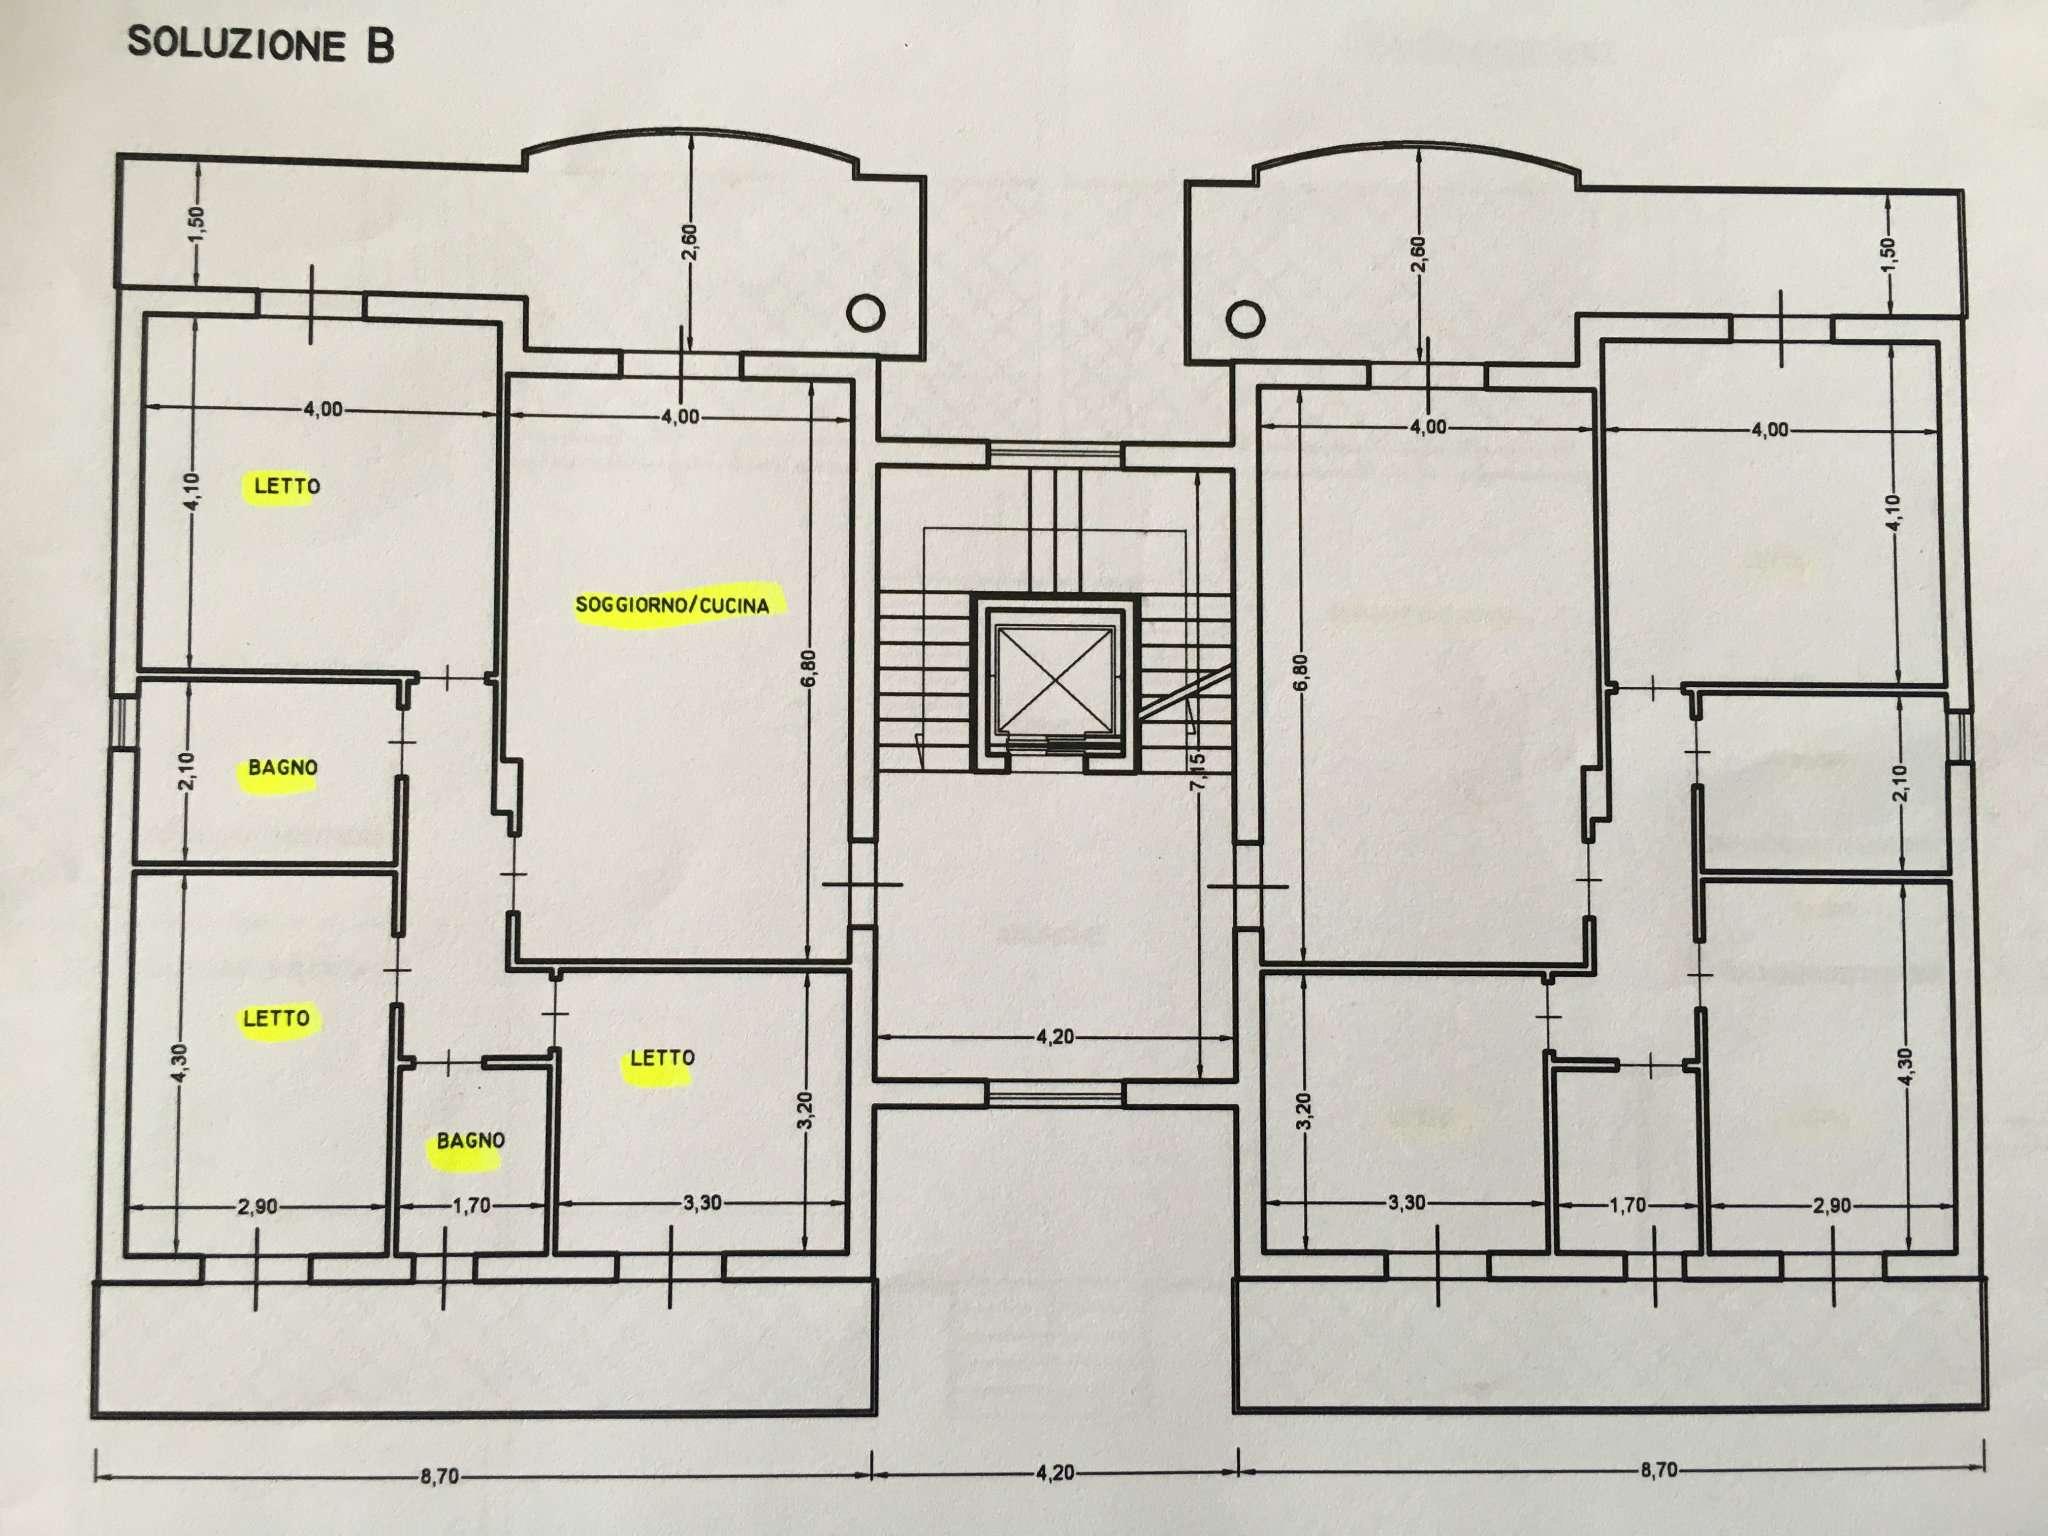 Appartamento in vendita a Villaricca, 3 locali, prezzo € 185.000   CambioCasa.it